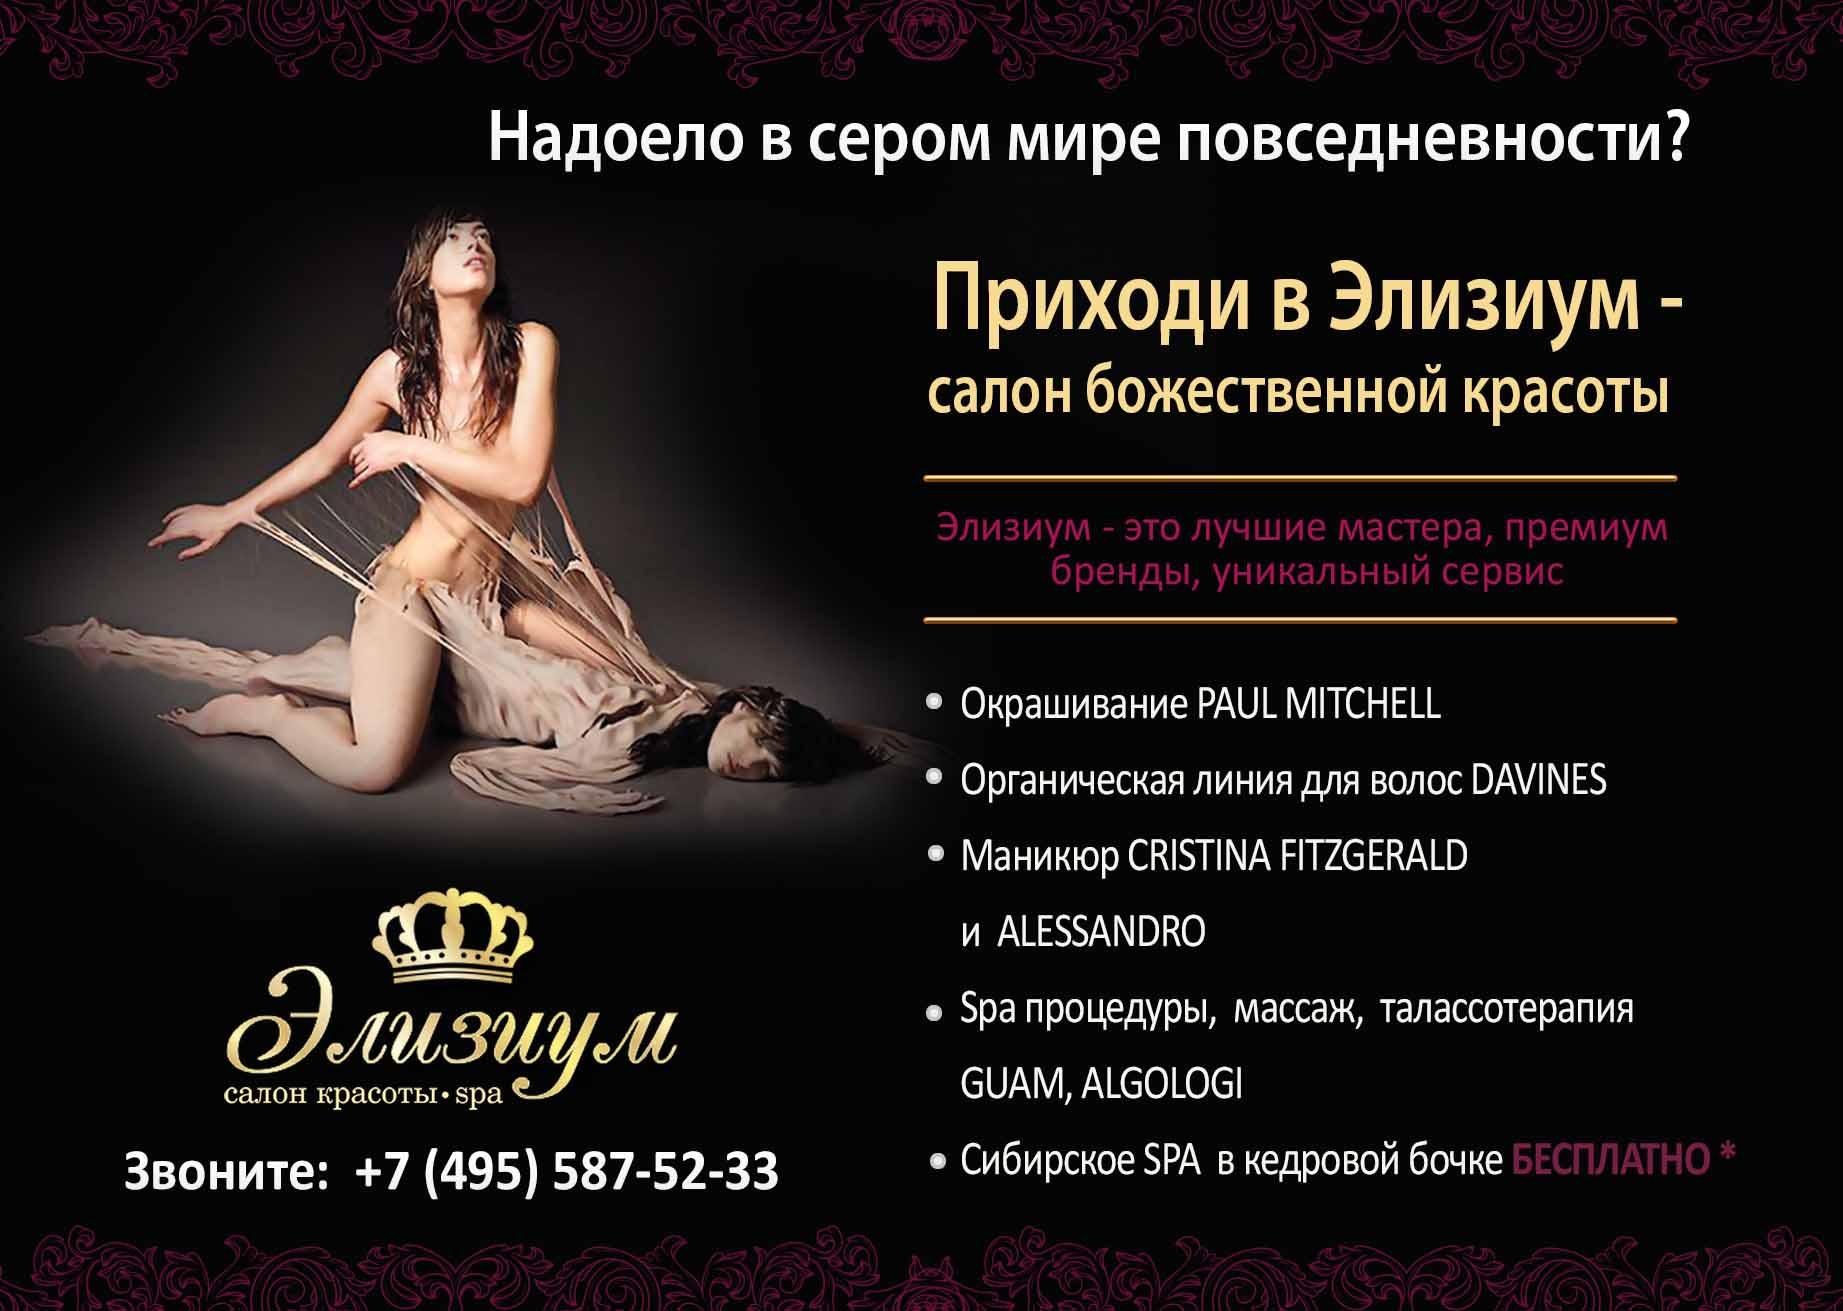 kreyzi-menyu-v-salone-eroticheskogo-massazha